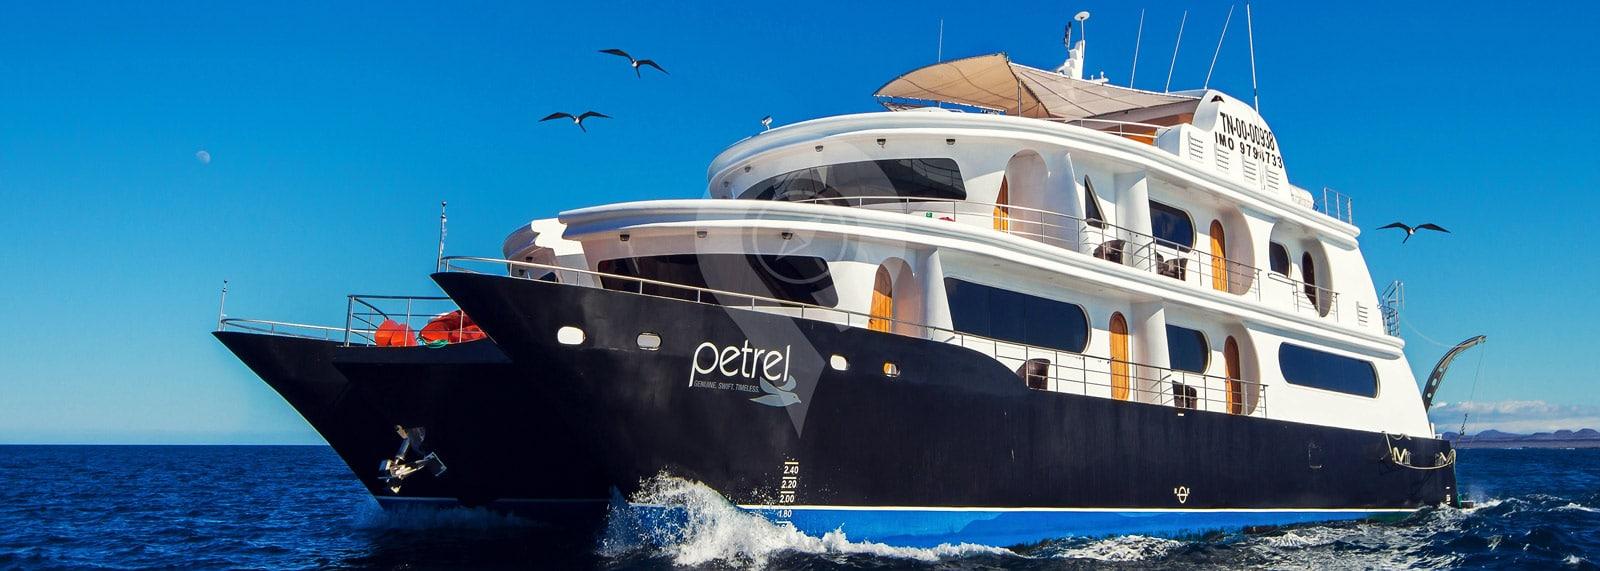 Catamaran Petrel Galapagos